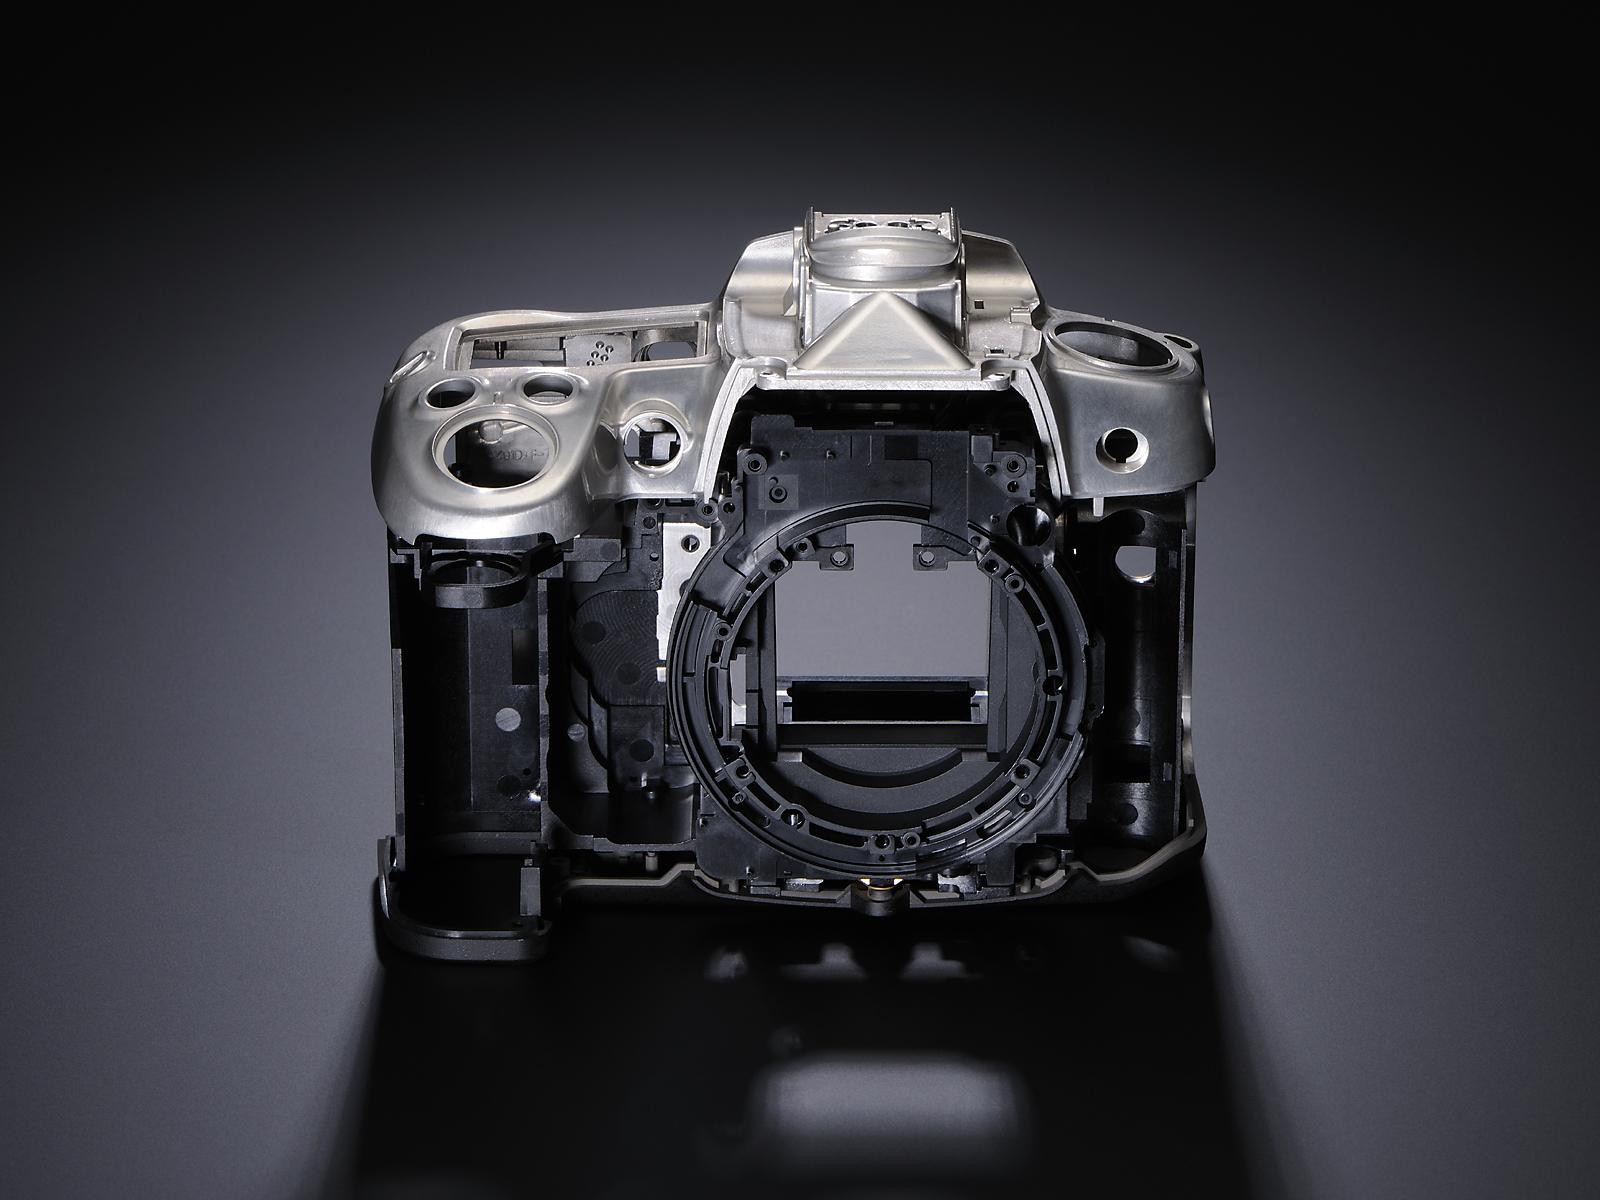 Nikon D7000 - 26